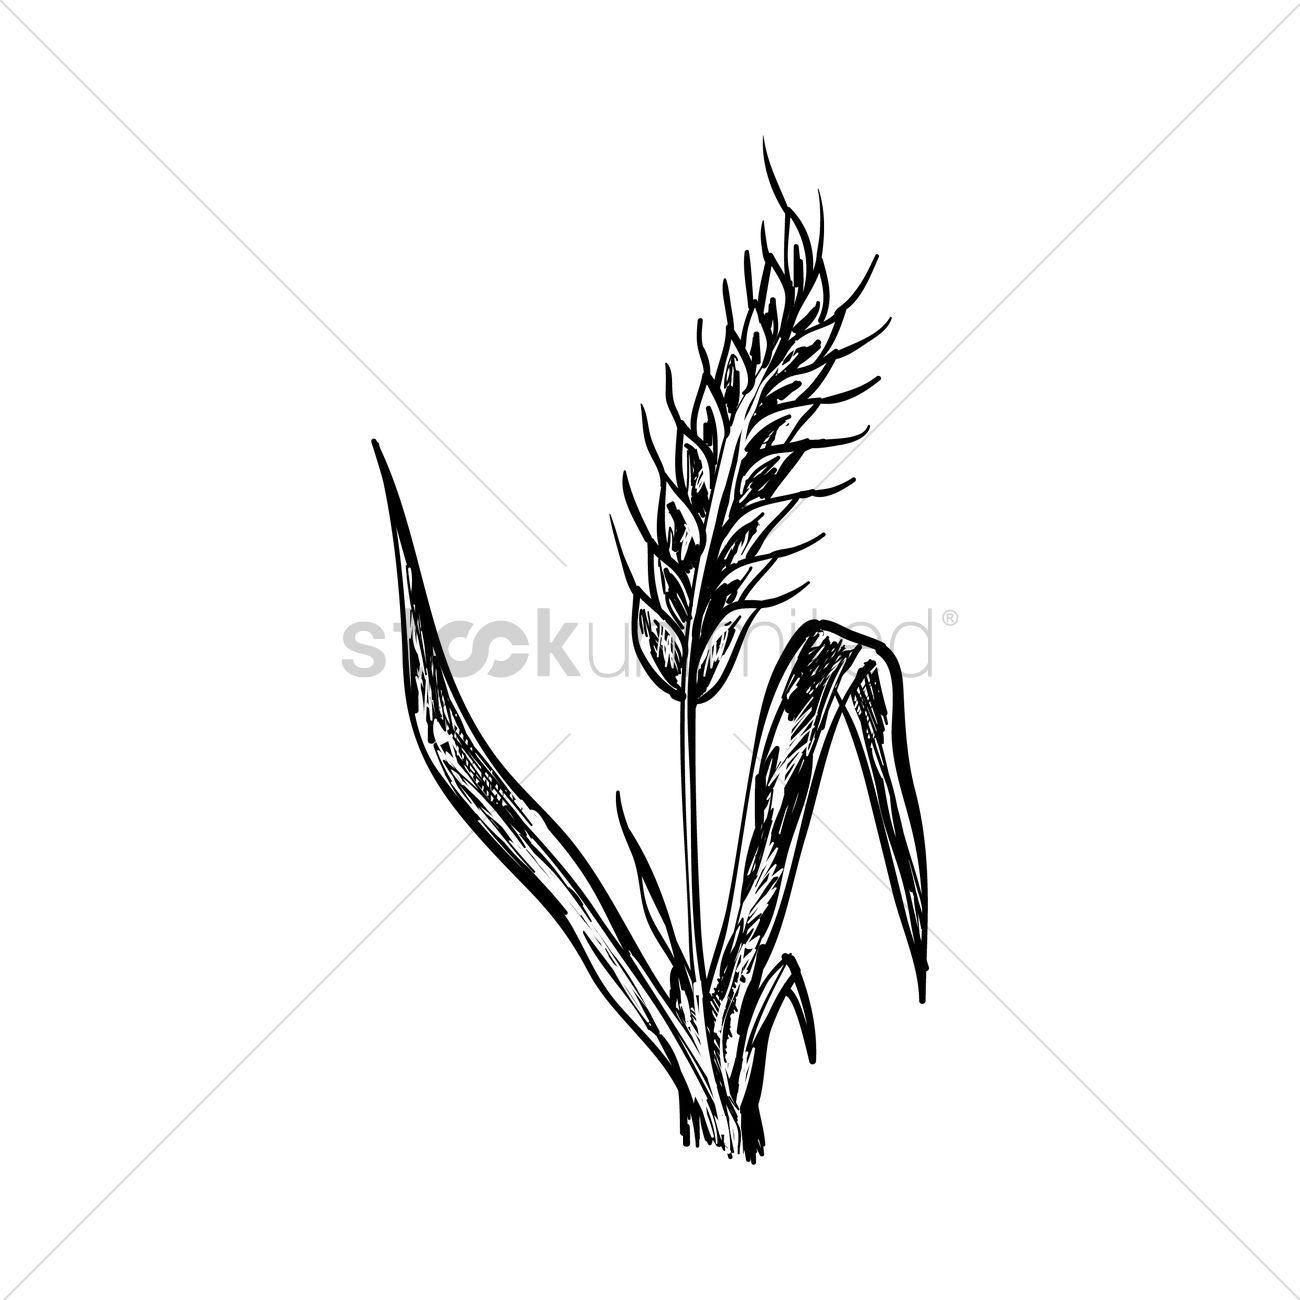 Wheat stalk Vector Ima...